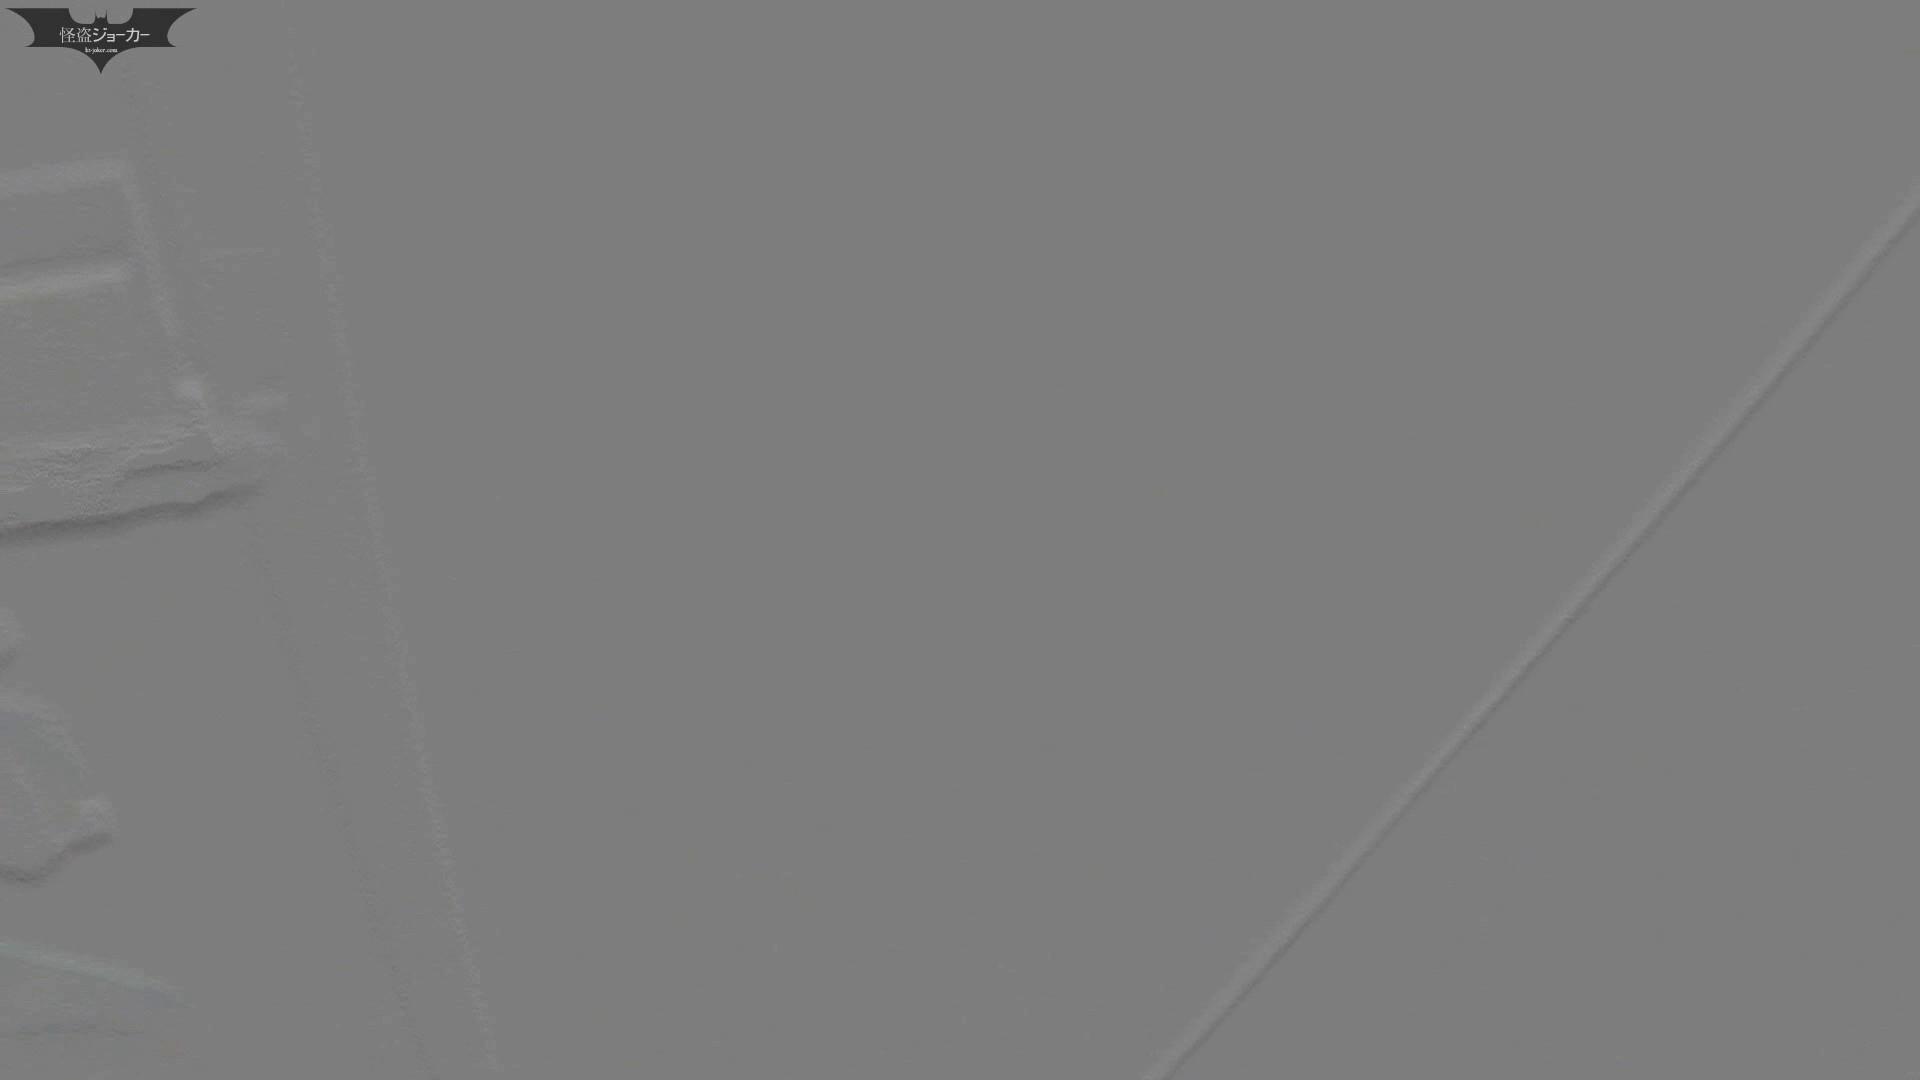 Vol.06 ピチピチが入室きめ細かくマッシュルームのような肌に癒される 高画質  70PIX 57